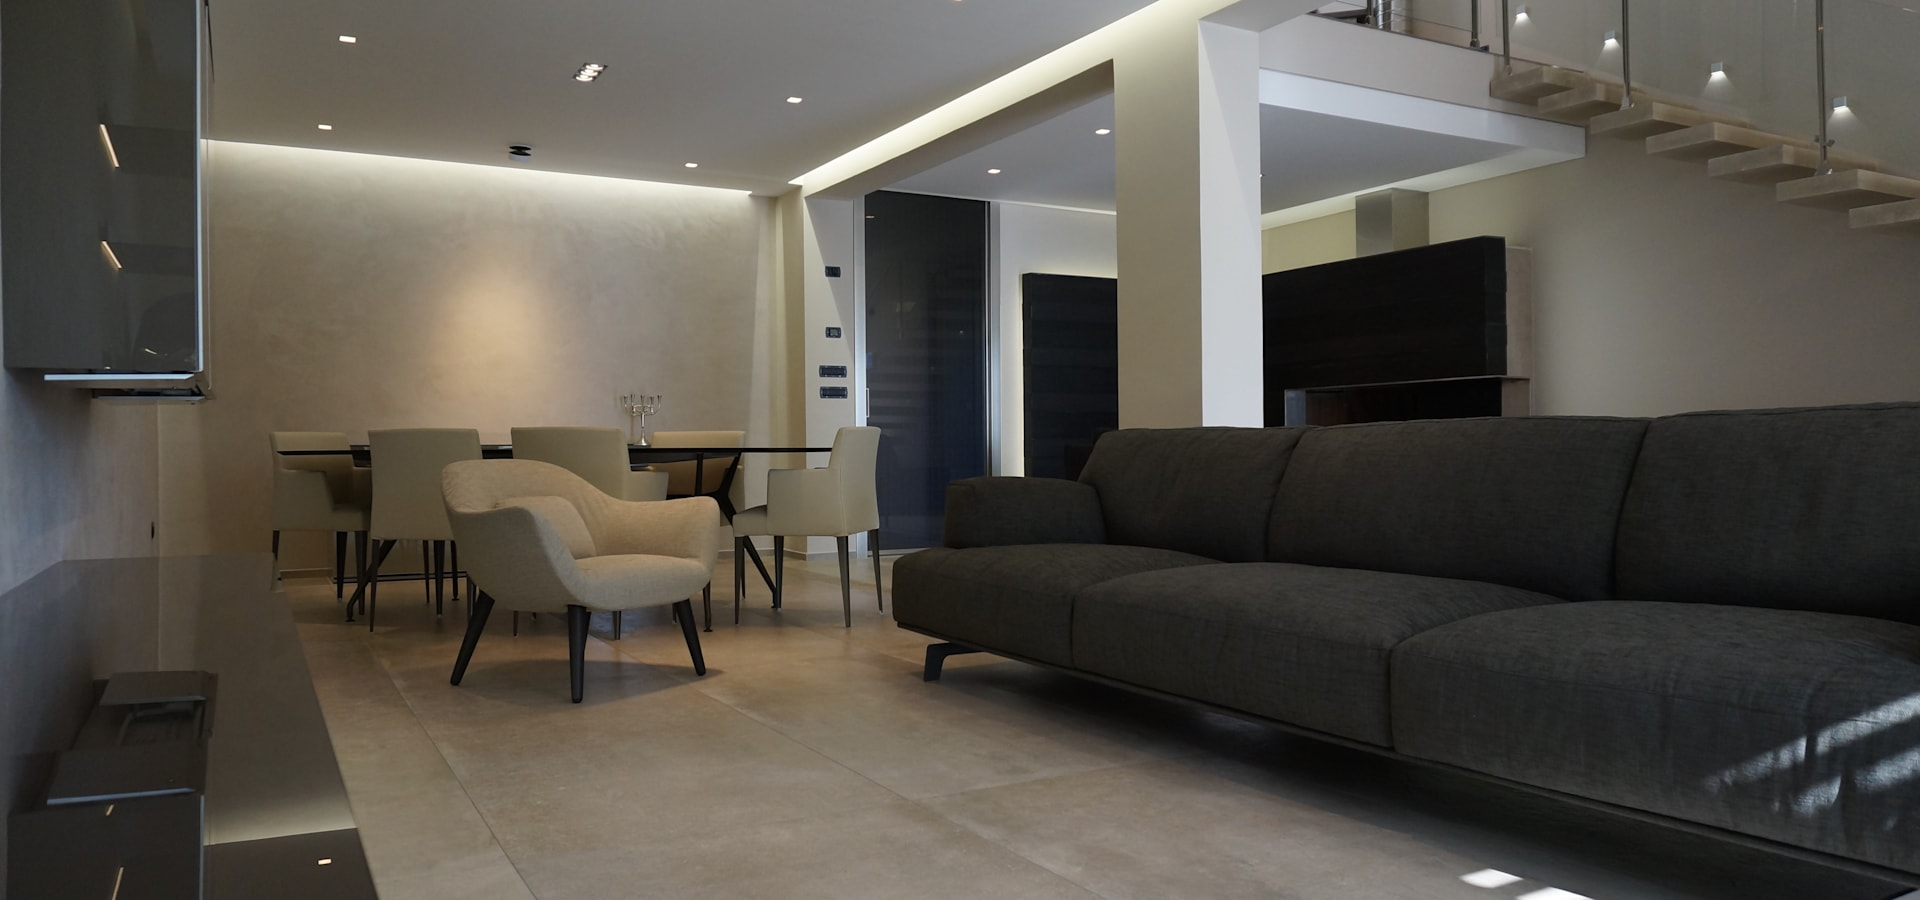 Studio ARCHEXTE' _ Vincenzo Castaldi Architetto